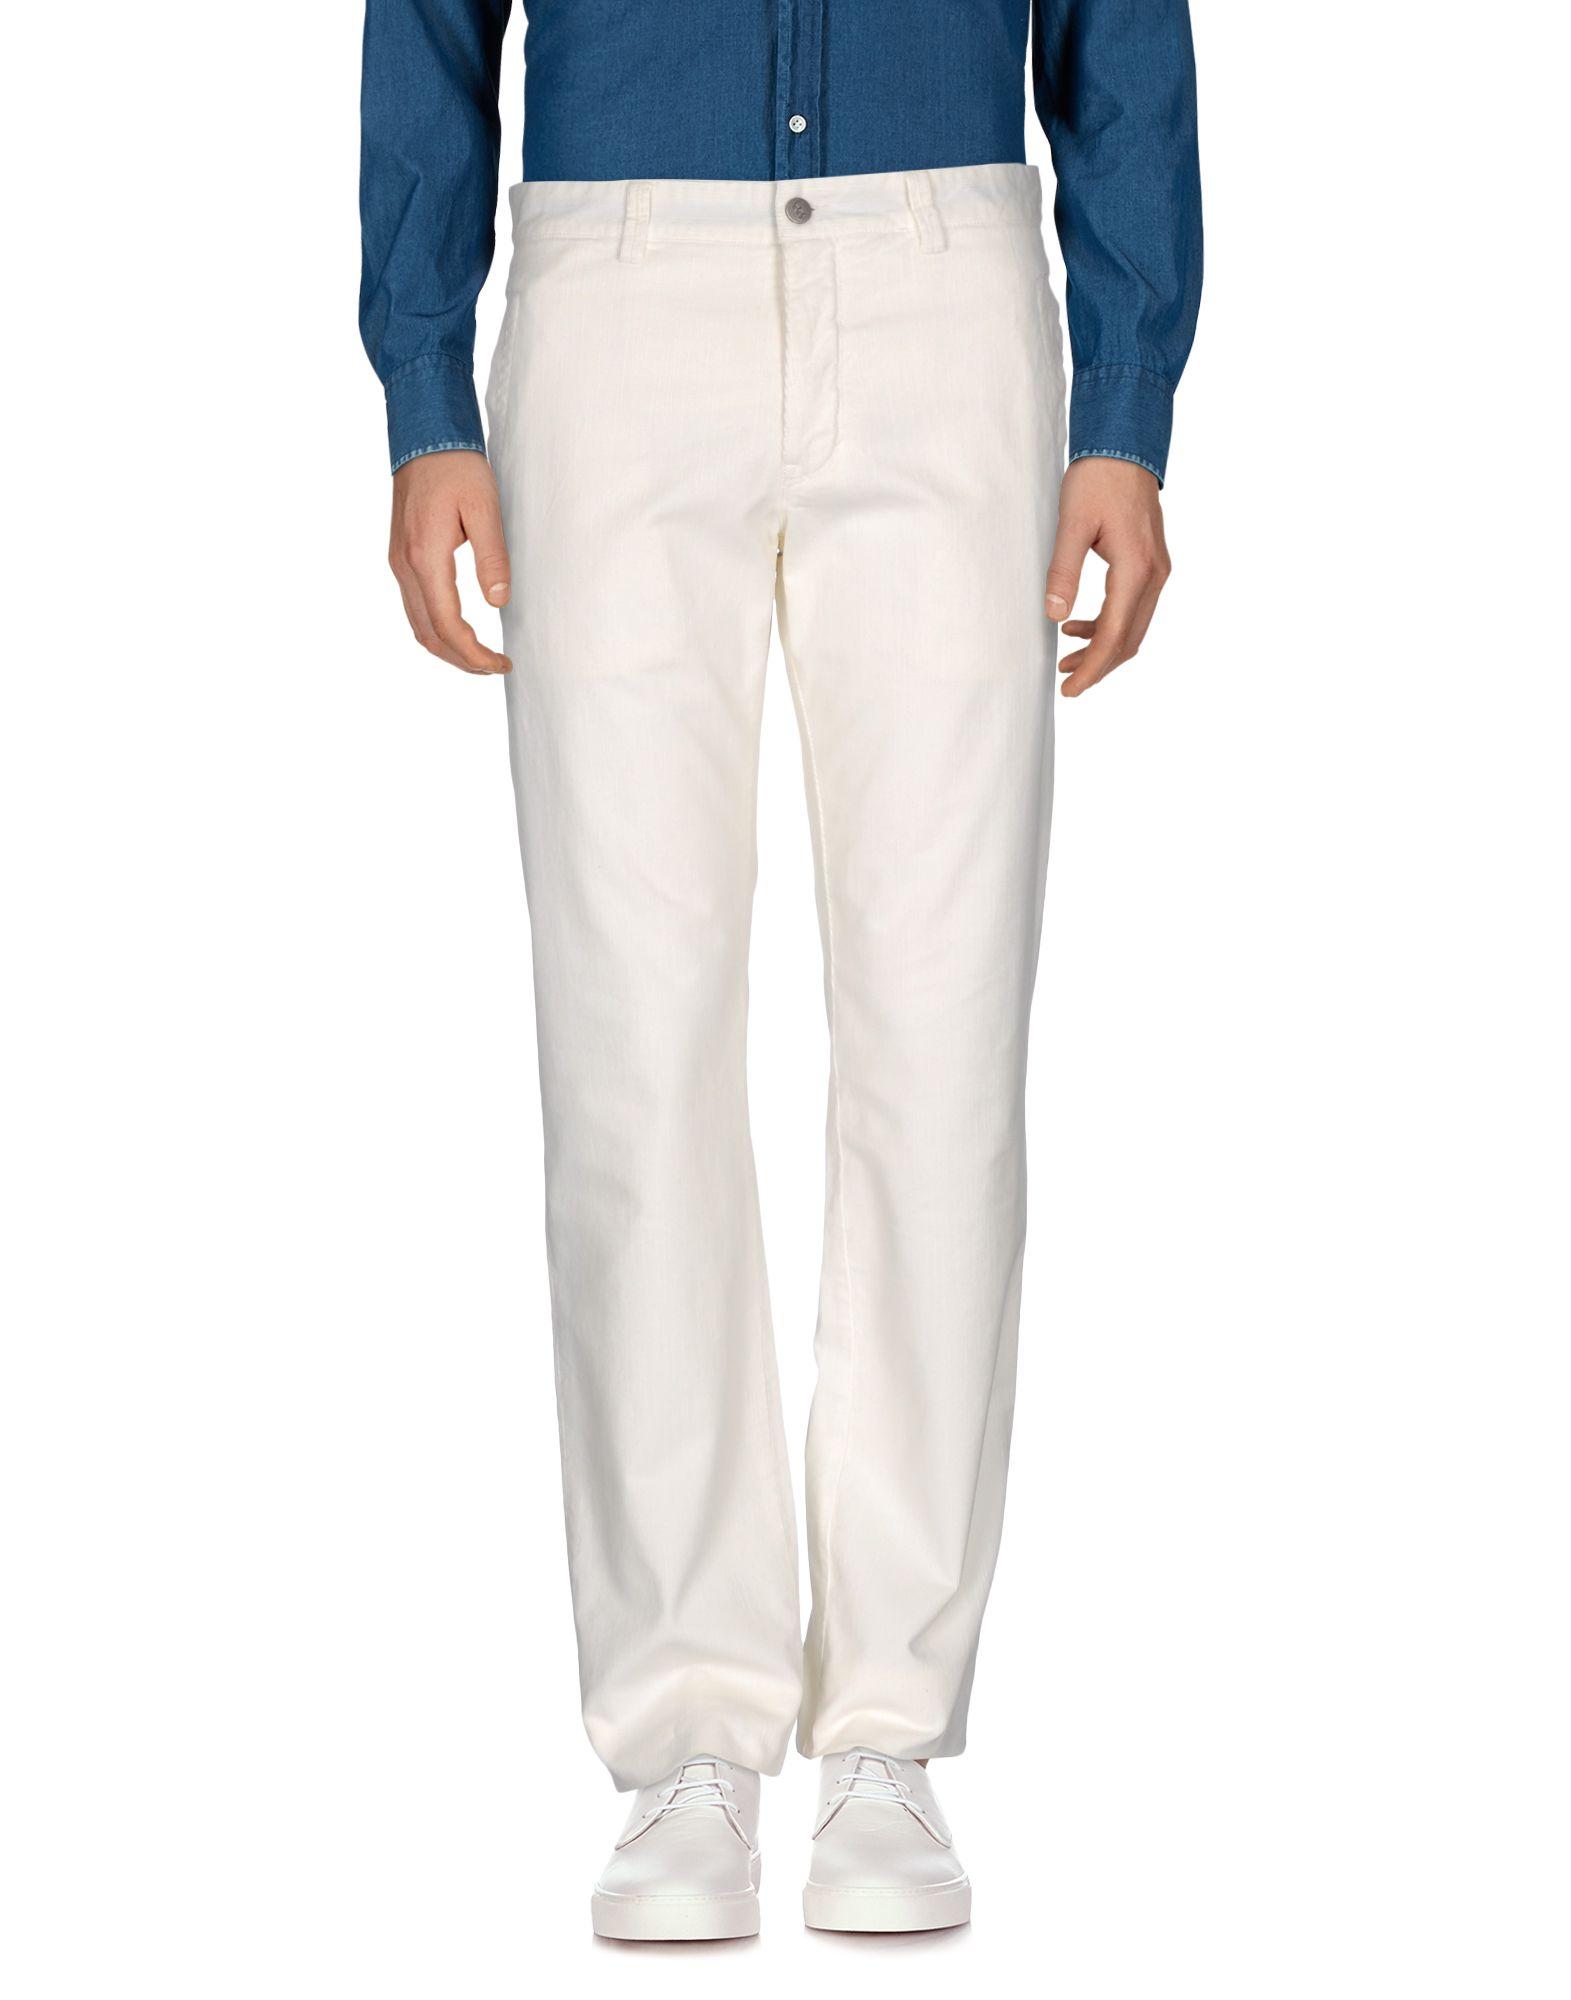 цены на REM Повседневные брюки в интернет-магазинах